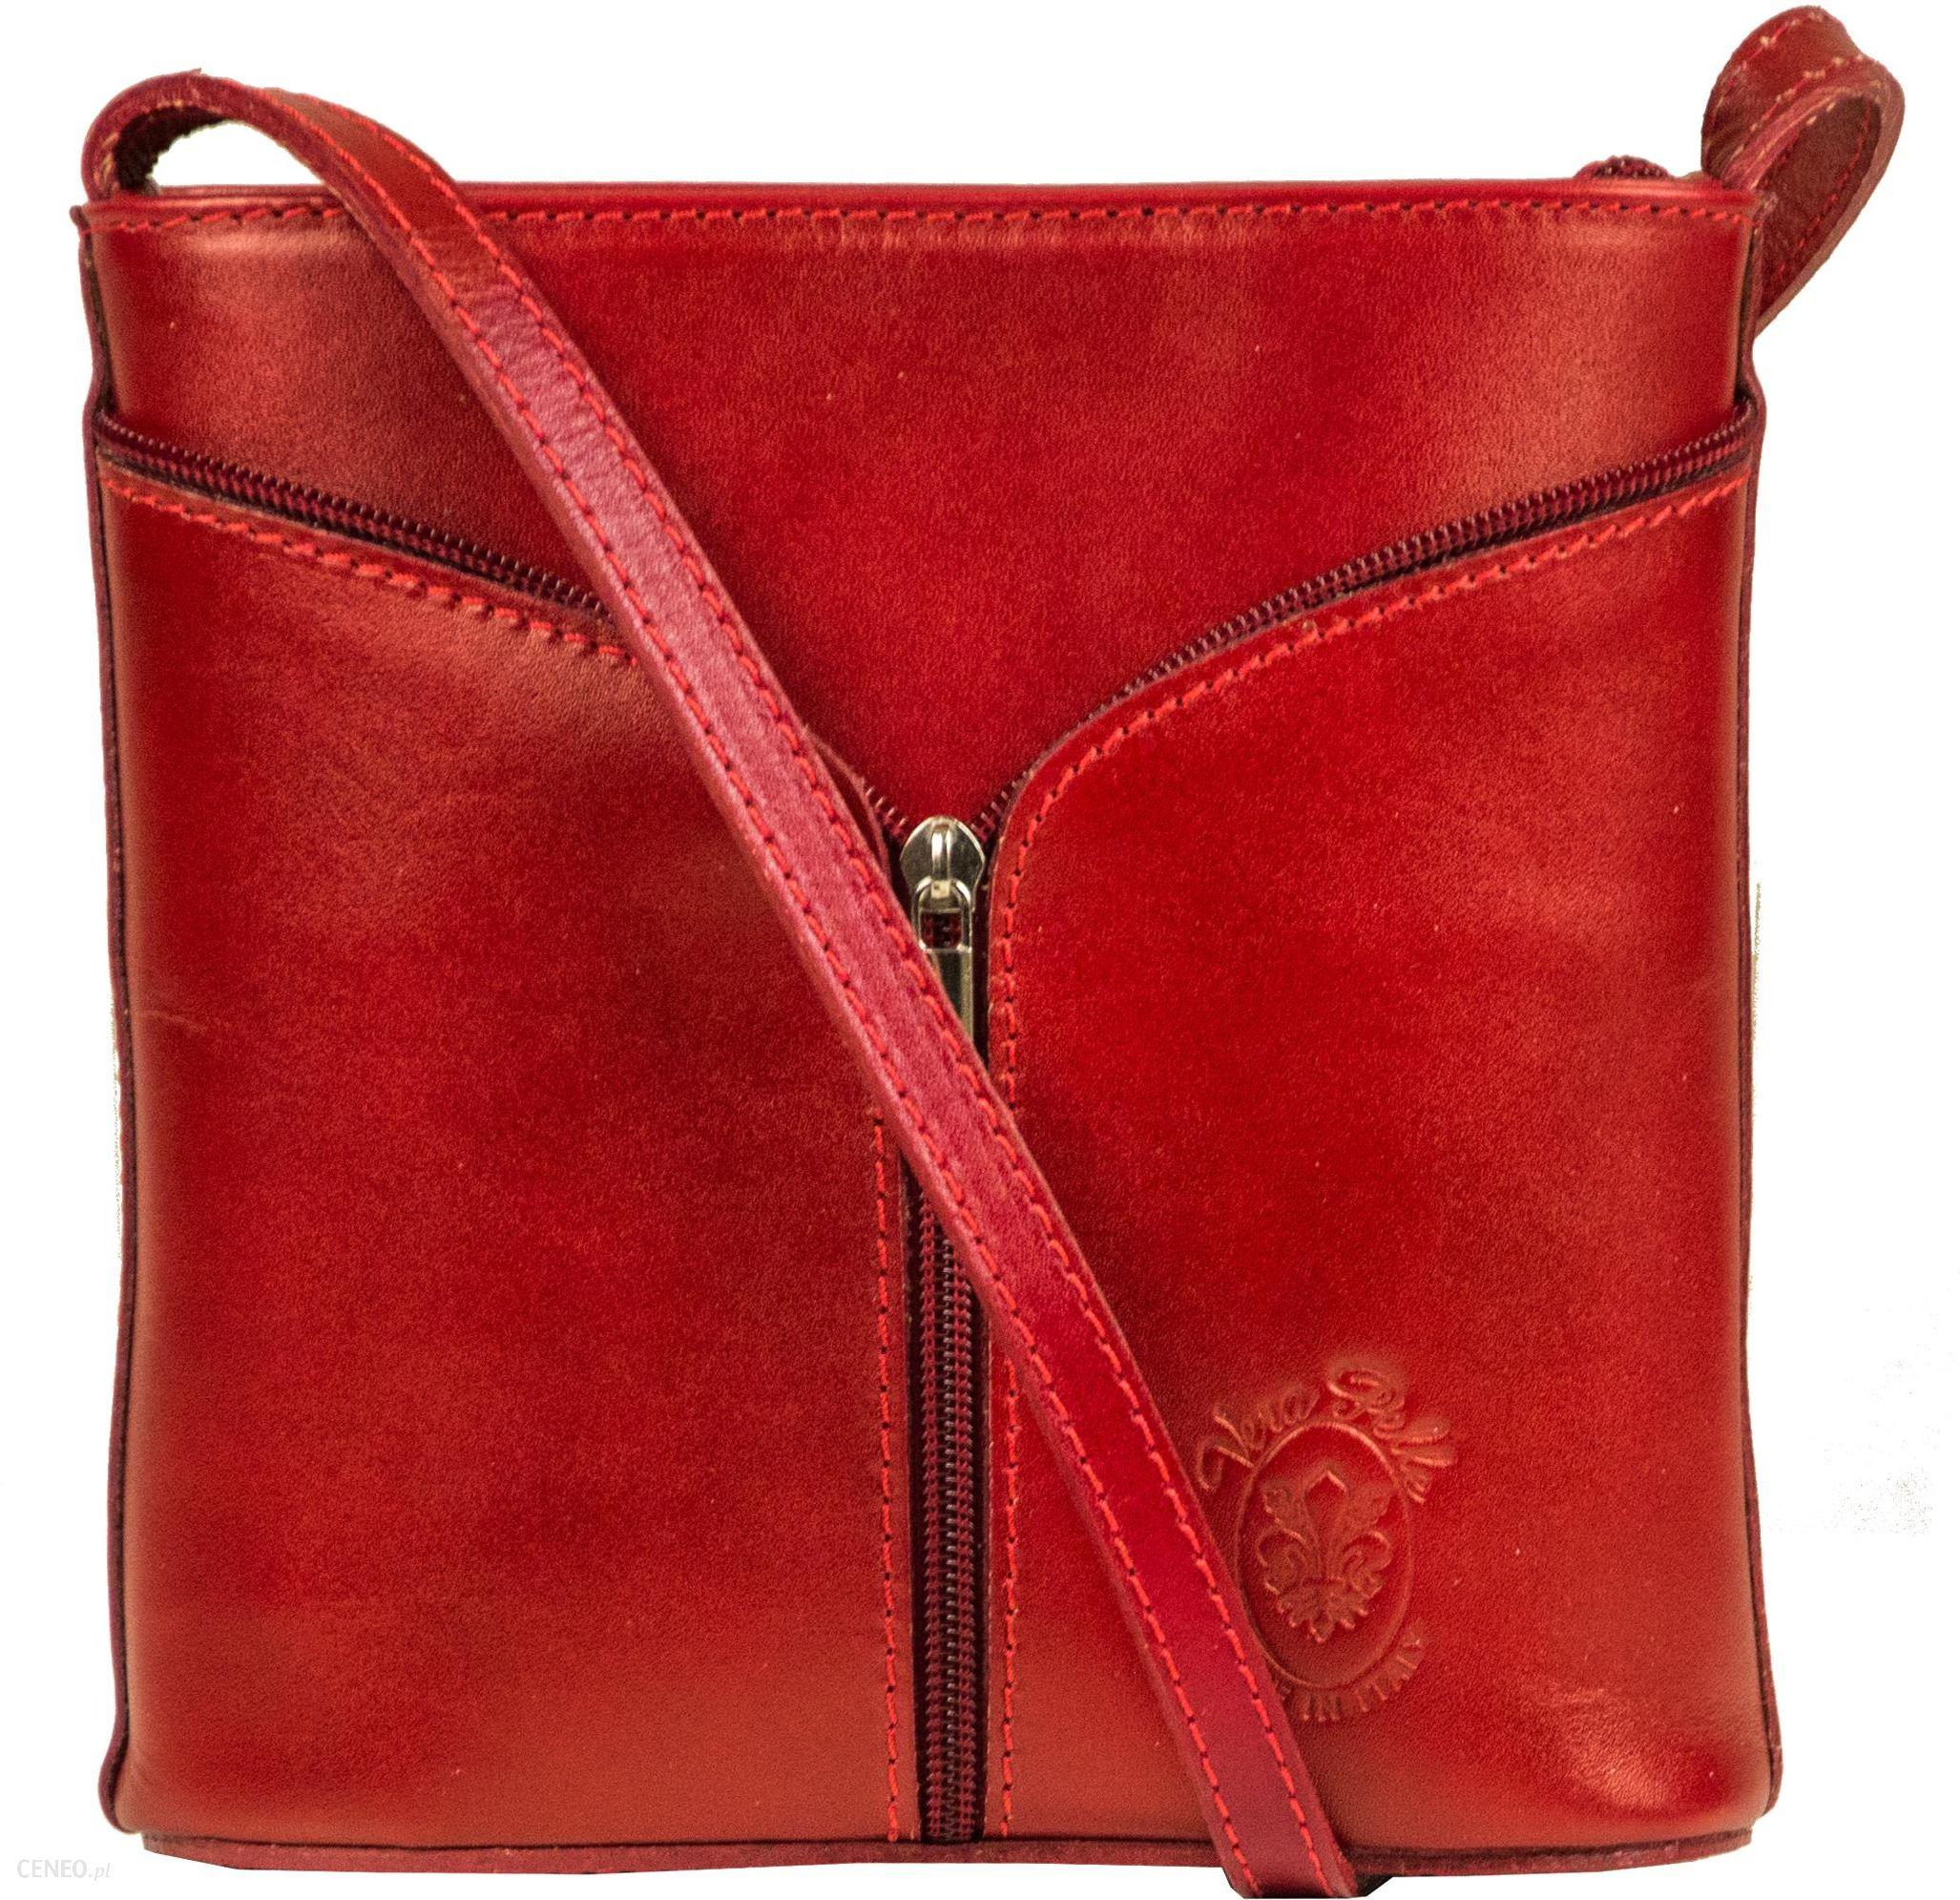 97600f3f152e0 Torebka włoska skórzana Genuine Leather Listonoszka 6160 bordowa - zdjęcie 1